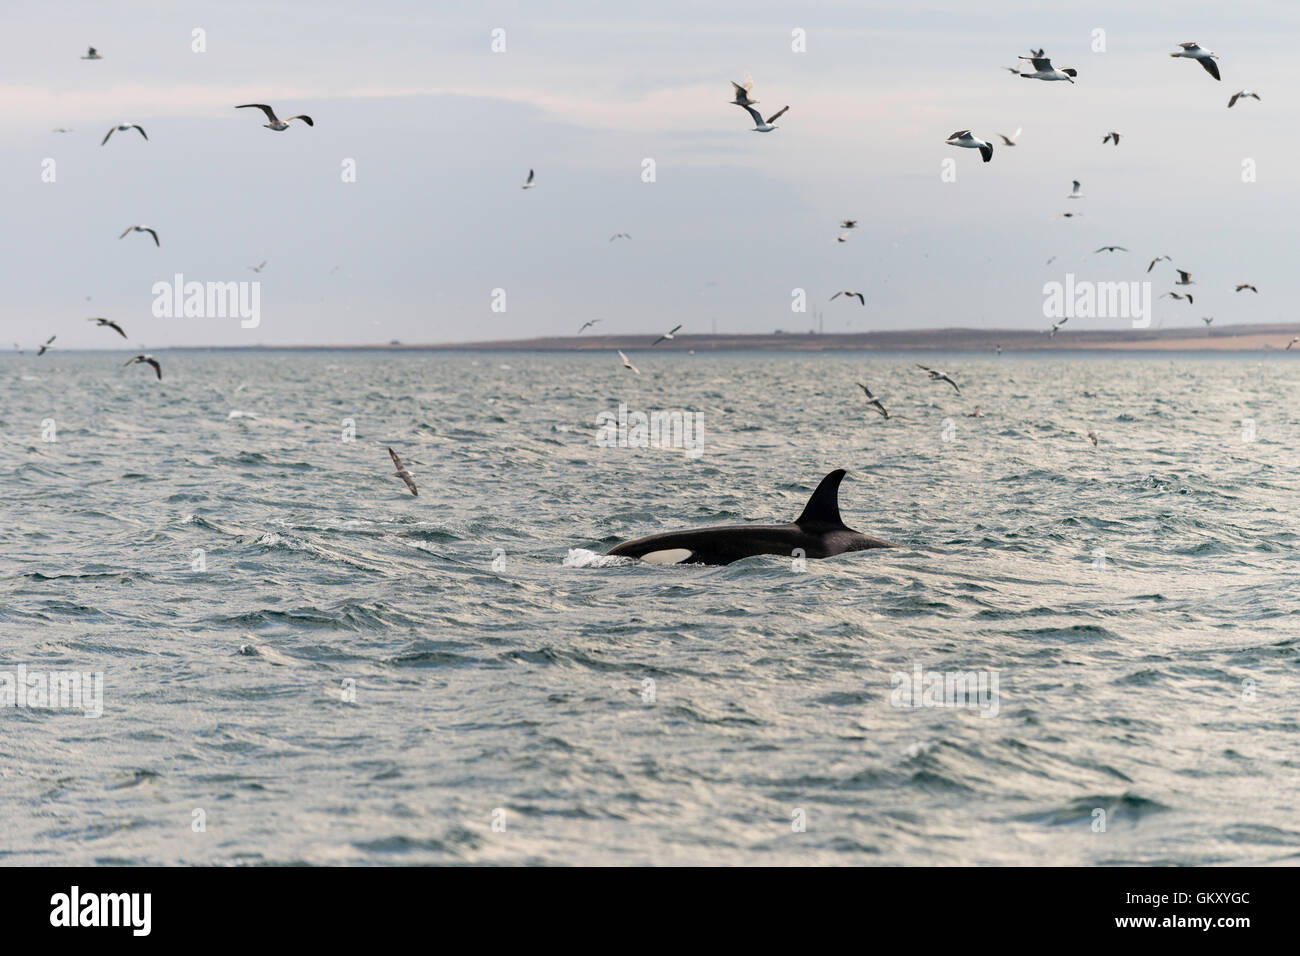 Killer whale, ('orca Orcinus orca') près de Grundarfjörður, une ville dans le nord de la péninsule de Snæfellsnes, à l'ouest de l'Islande Banque D'Images